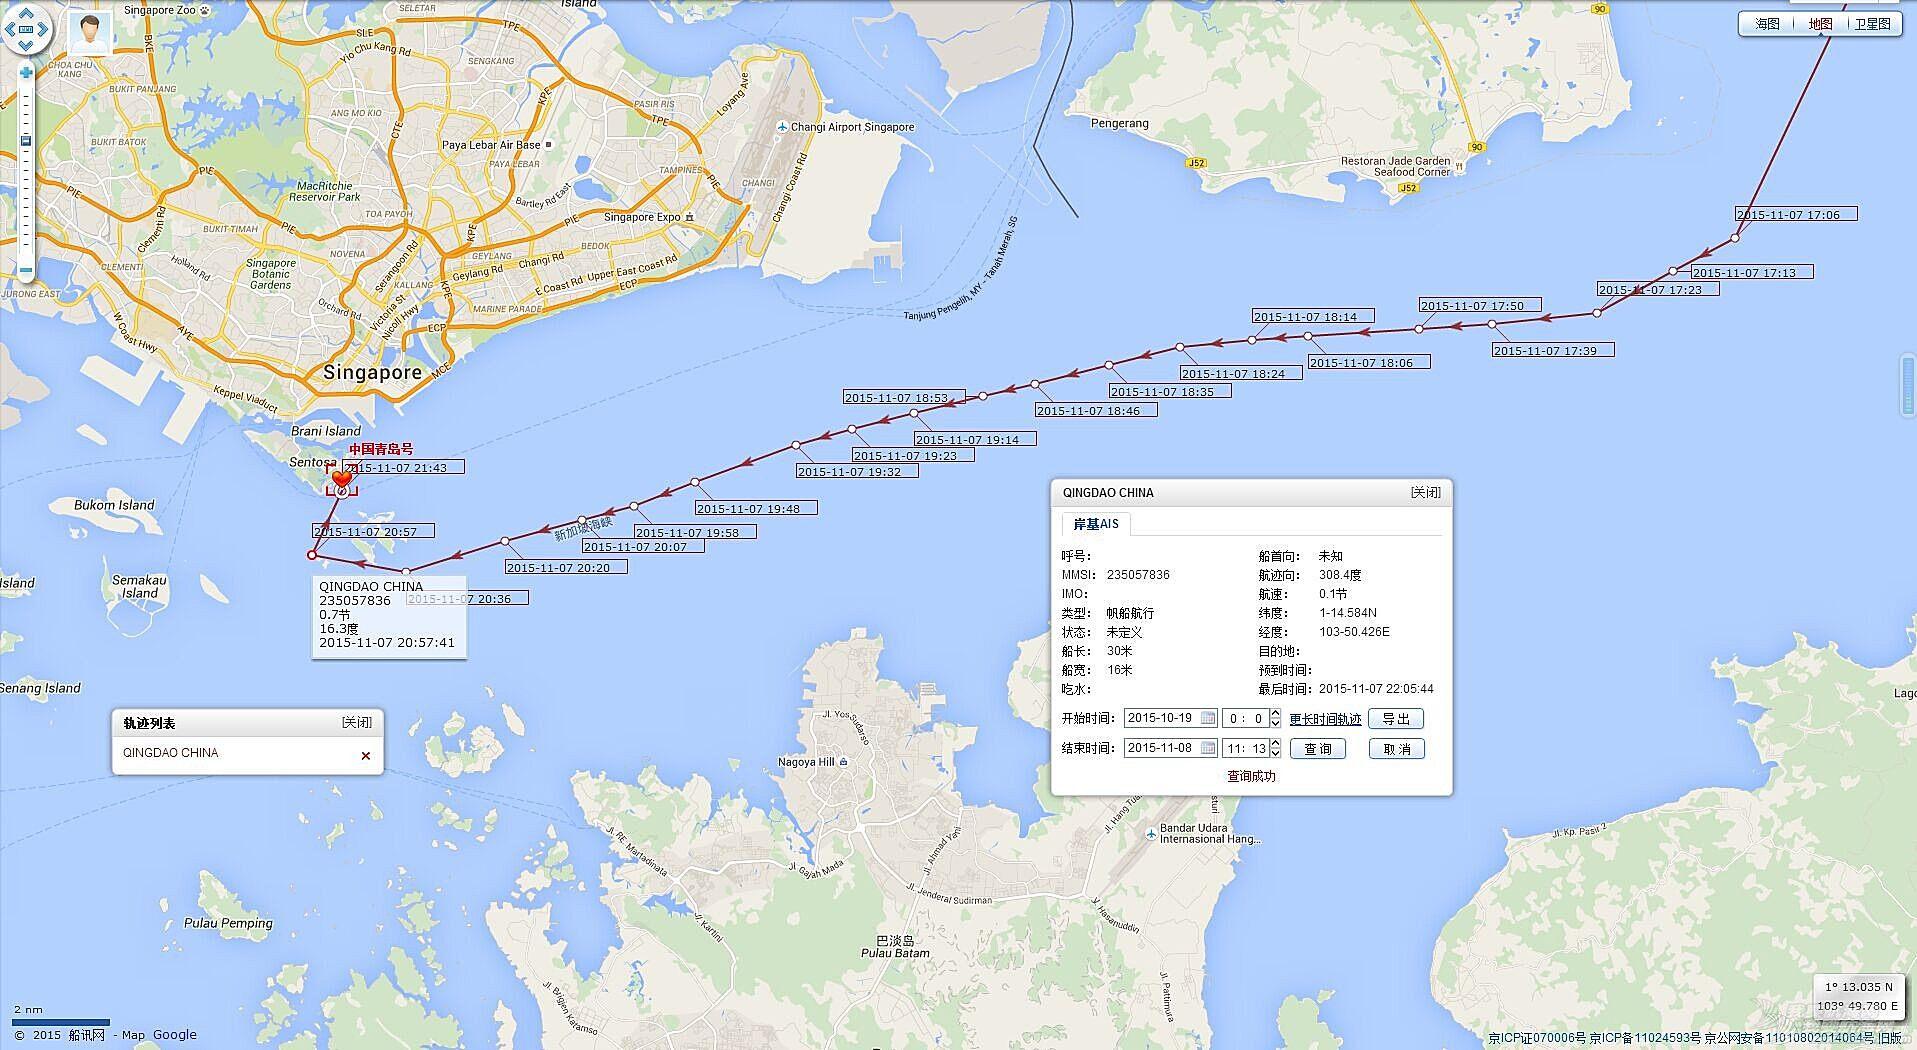 新加坡 青岛号于11月7日晚抵达新加坡